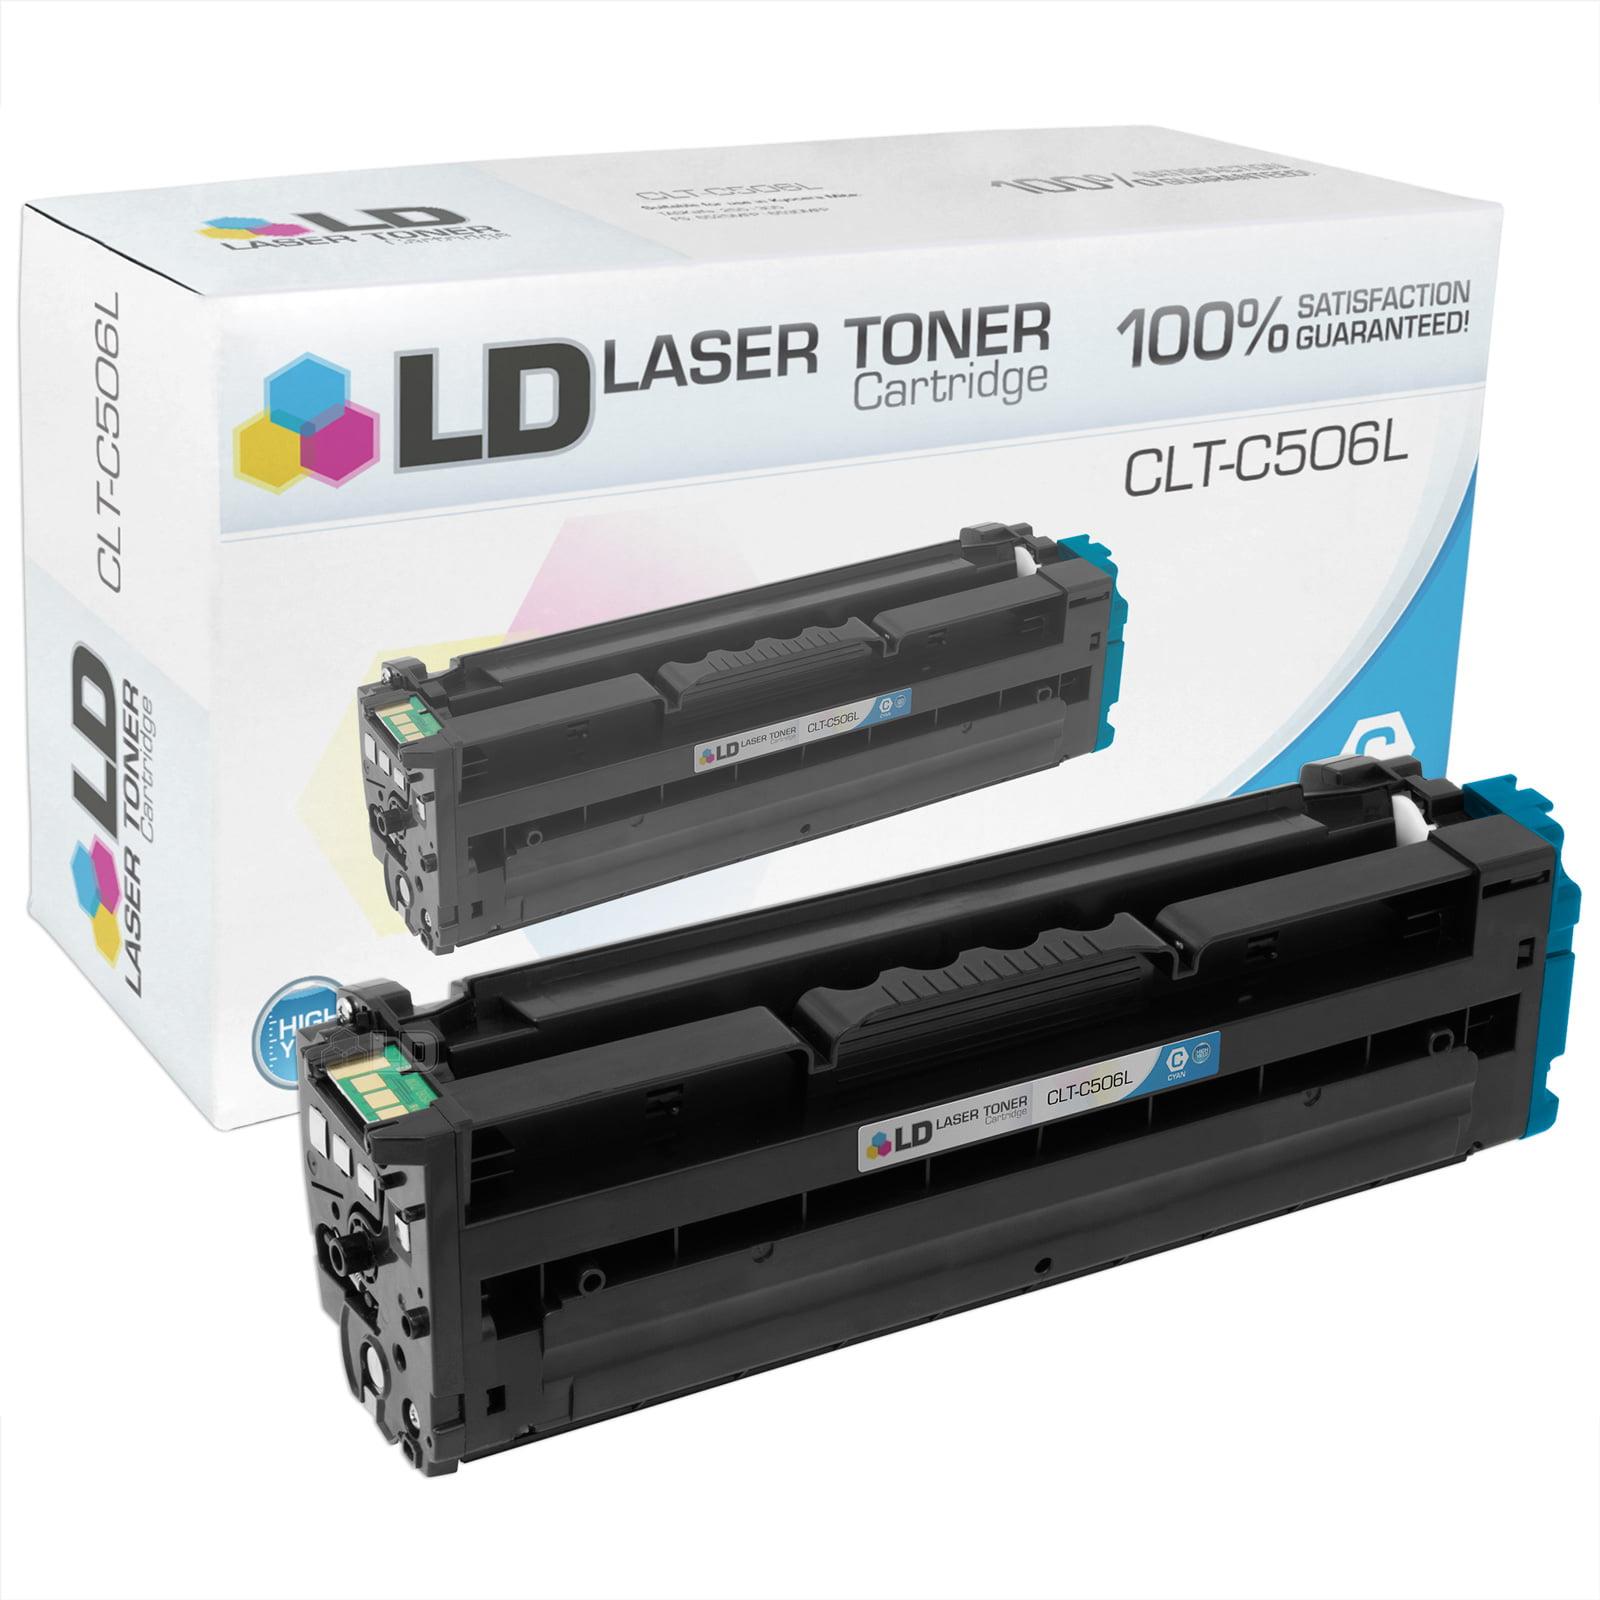 LD Compatible Samsung CLT Set of 4 Toner Cartridges: 1 CLT-K506L Black, 1 CLT-C506L Cyan, 1 CLT-M506L Magenta, and 1